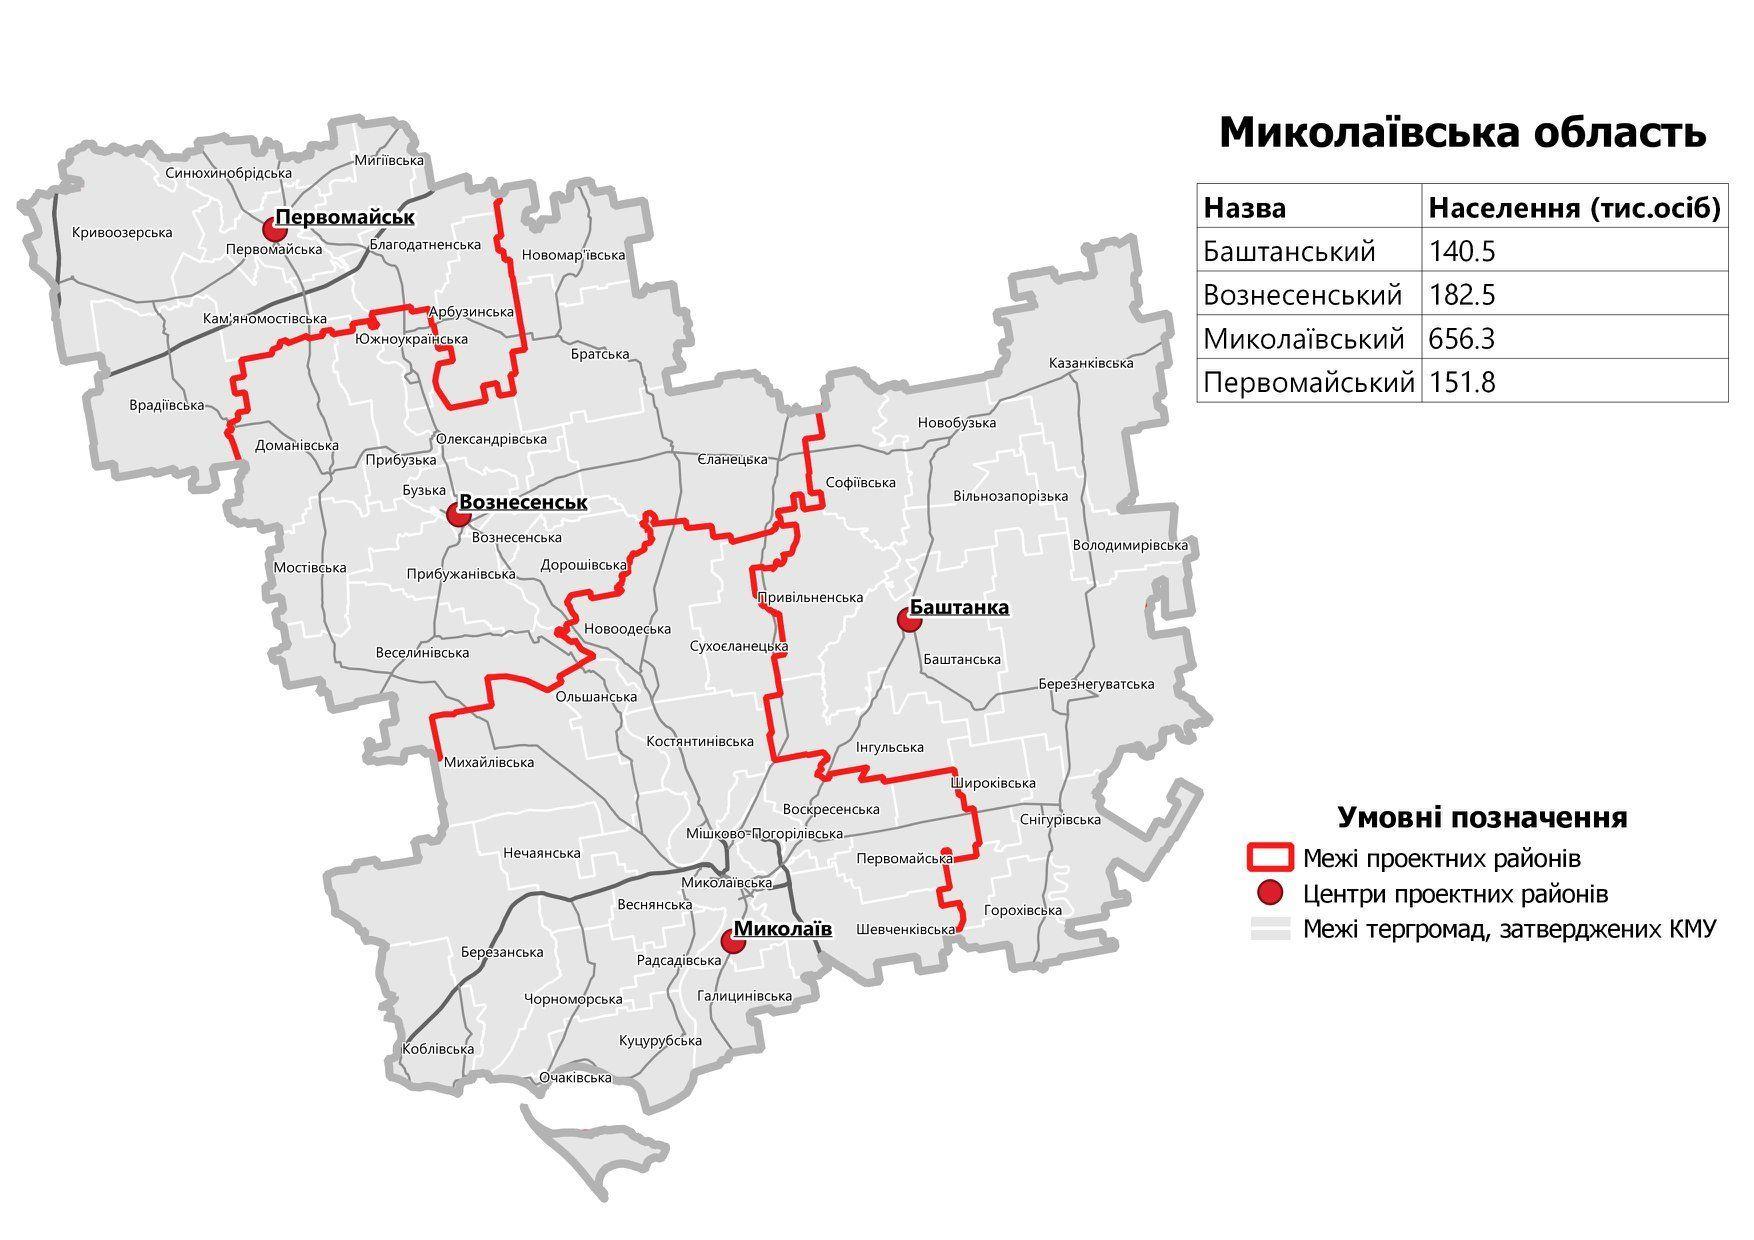 Мапа нових районів_1